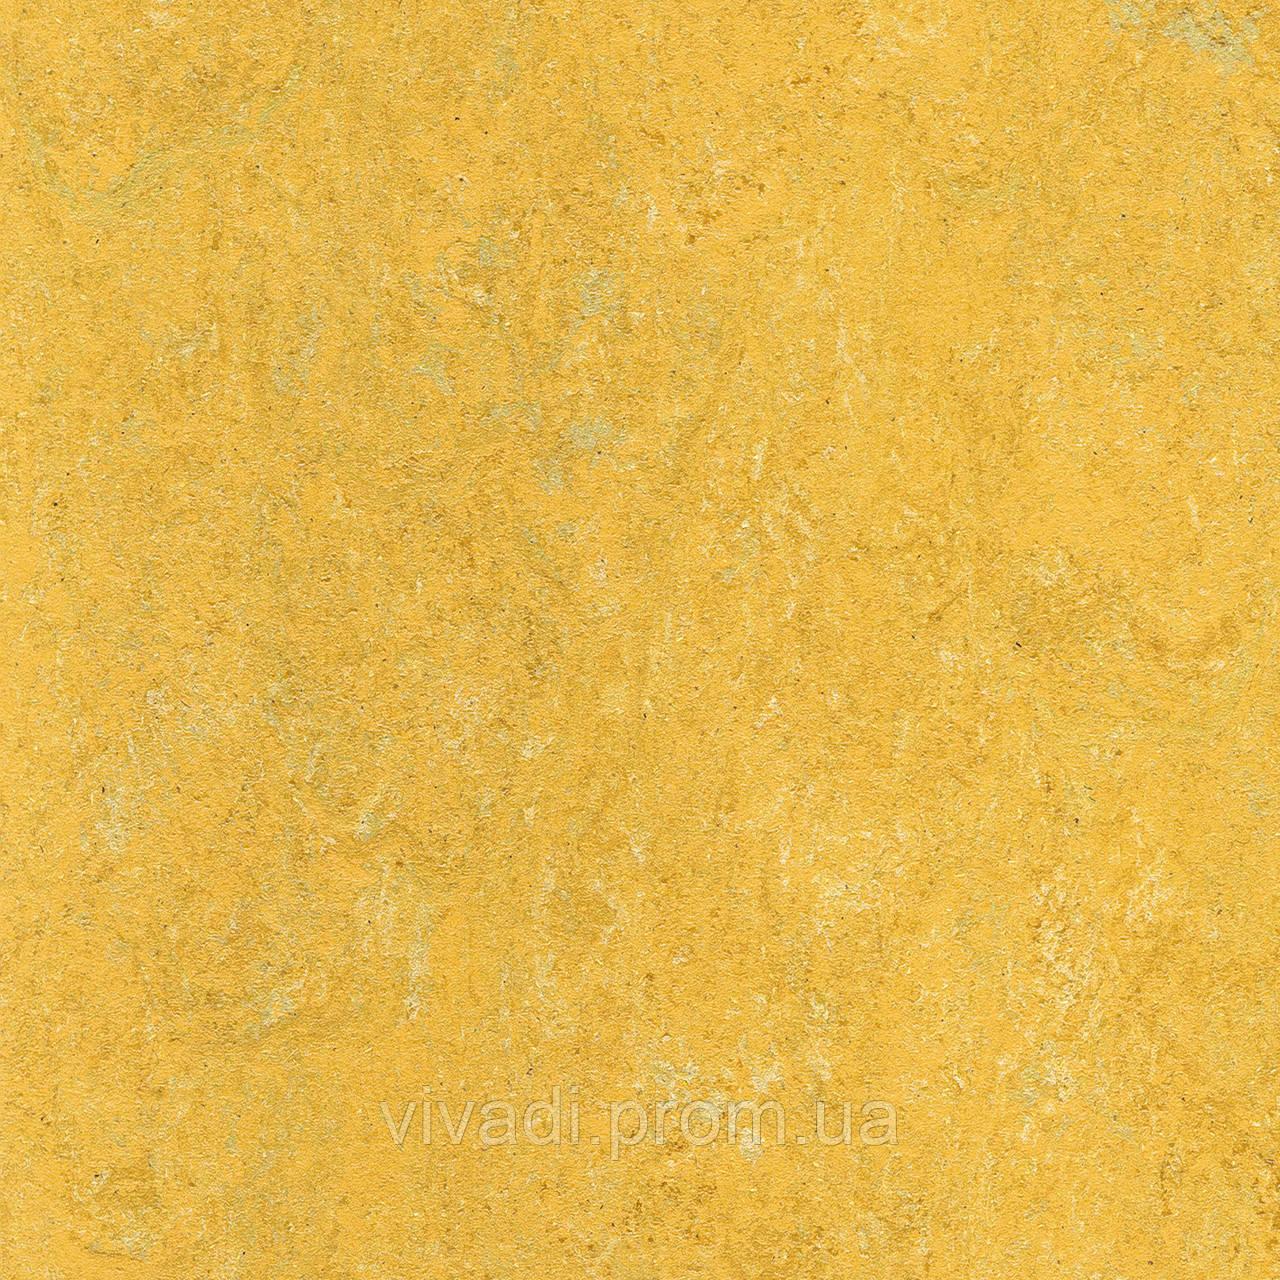 Натуральний лінолеум Marmorette PUR - колір 125-173